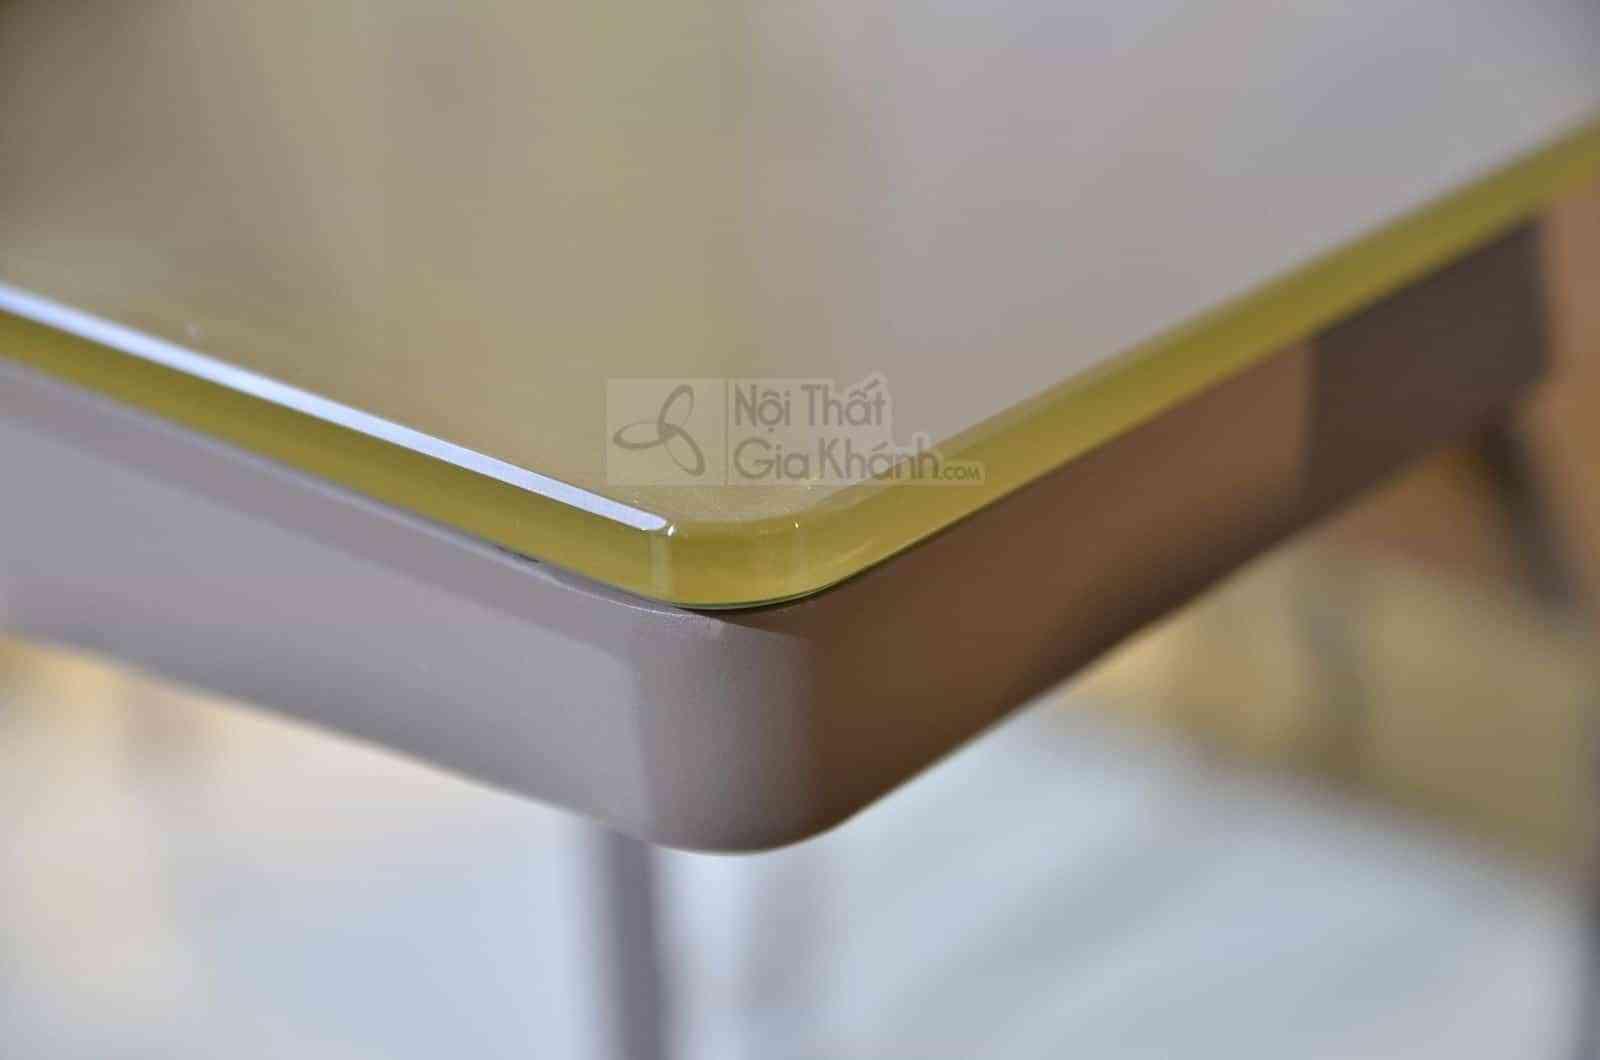 Bàn ăn 1m4 mặt kính cường lực màu nâu sang trọng RS-280T1m4 - ban an R5 280 1